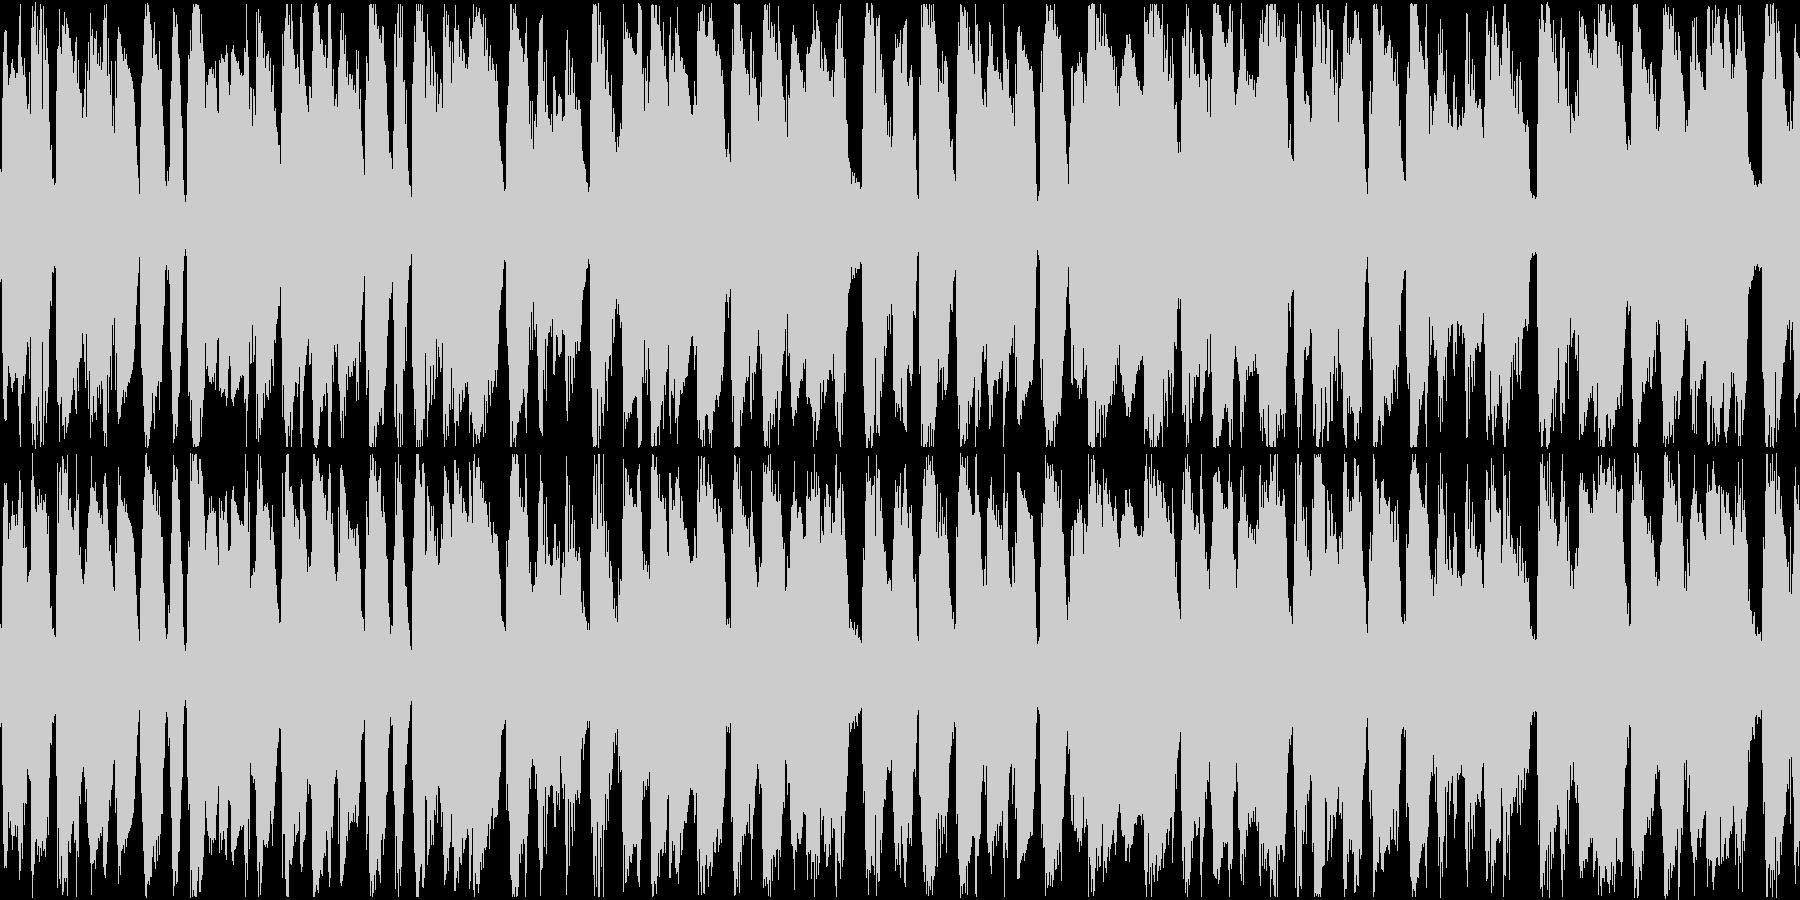 【ジャズ】ショートループ【映像】の未再生の波形